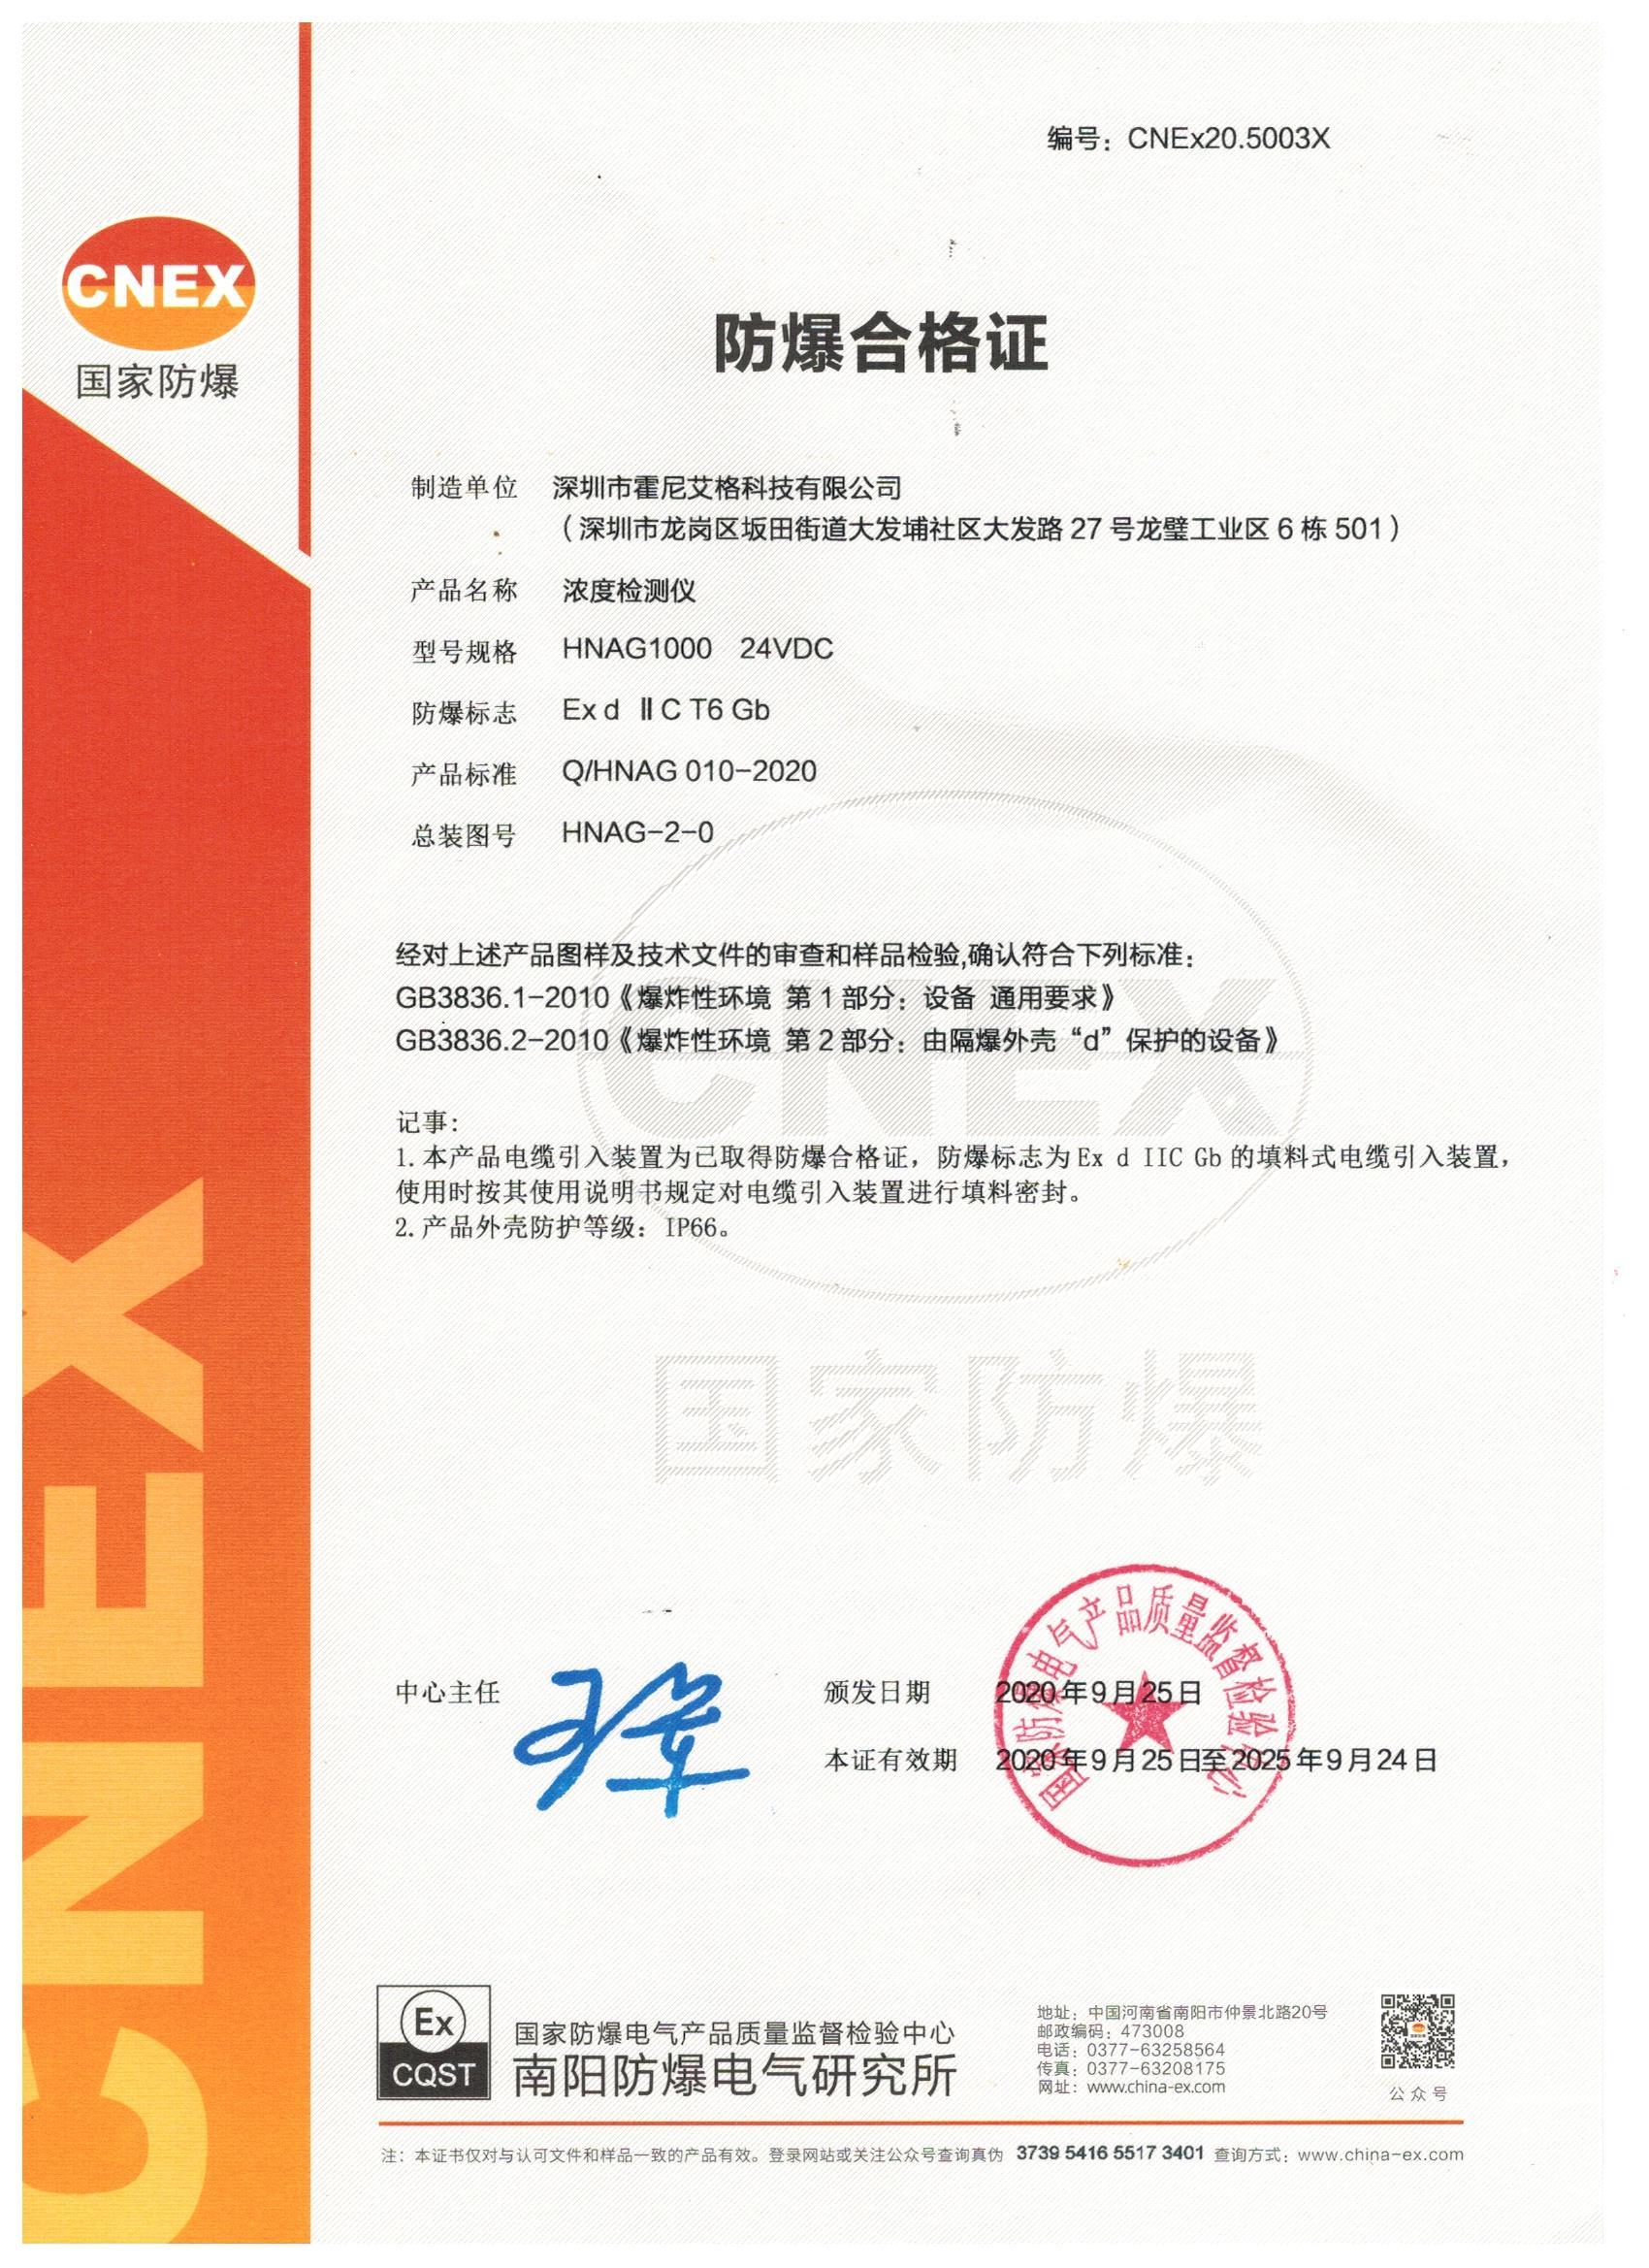 榮譽資質(zhi)